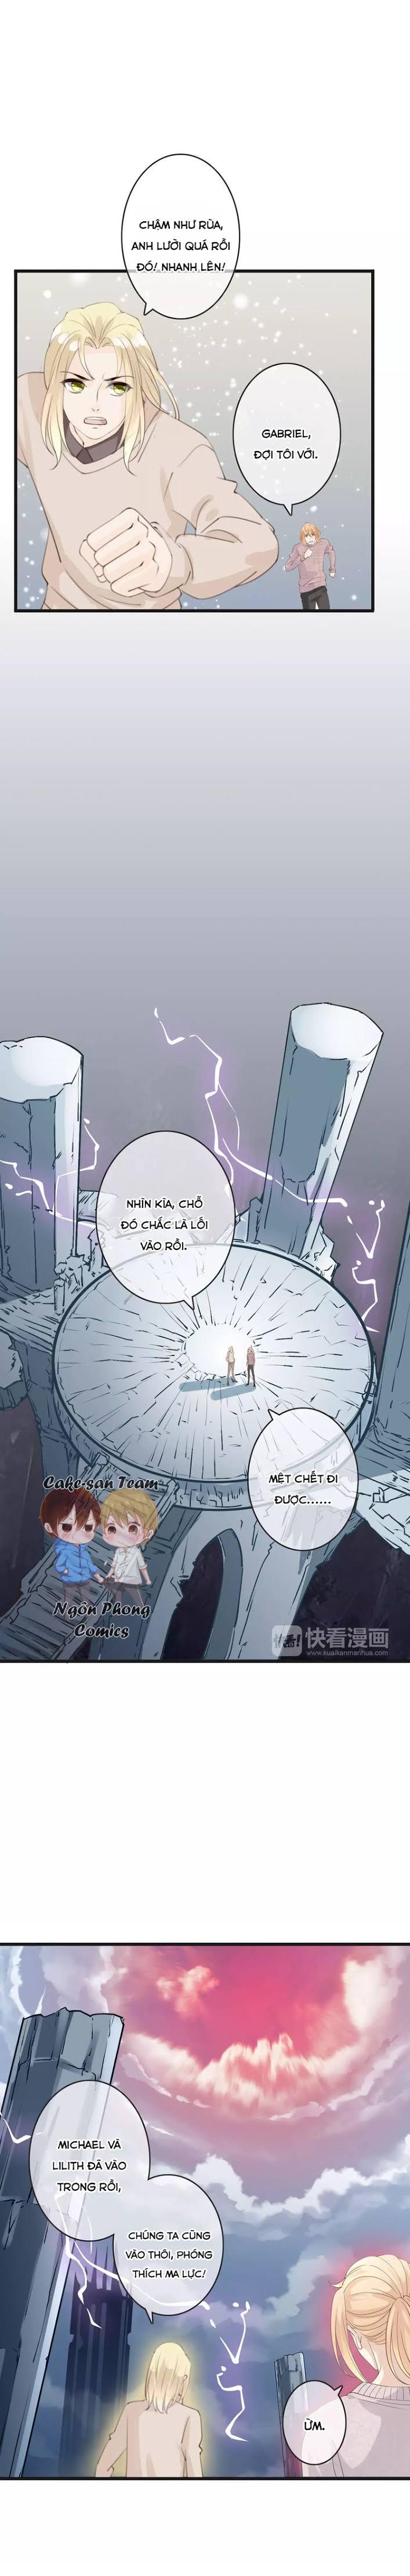 Thiên Thần Không Có Tiết Tháo chap 30 - Trang 8